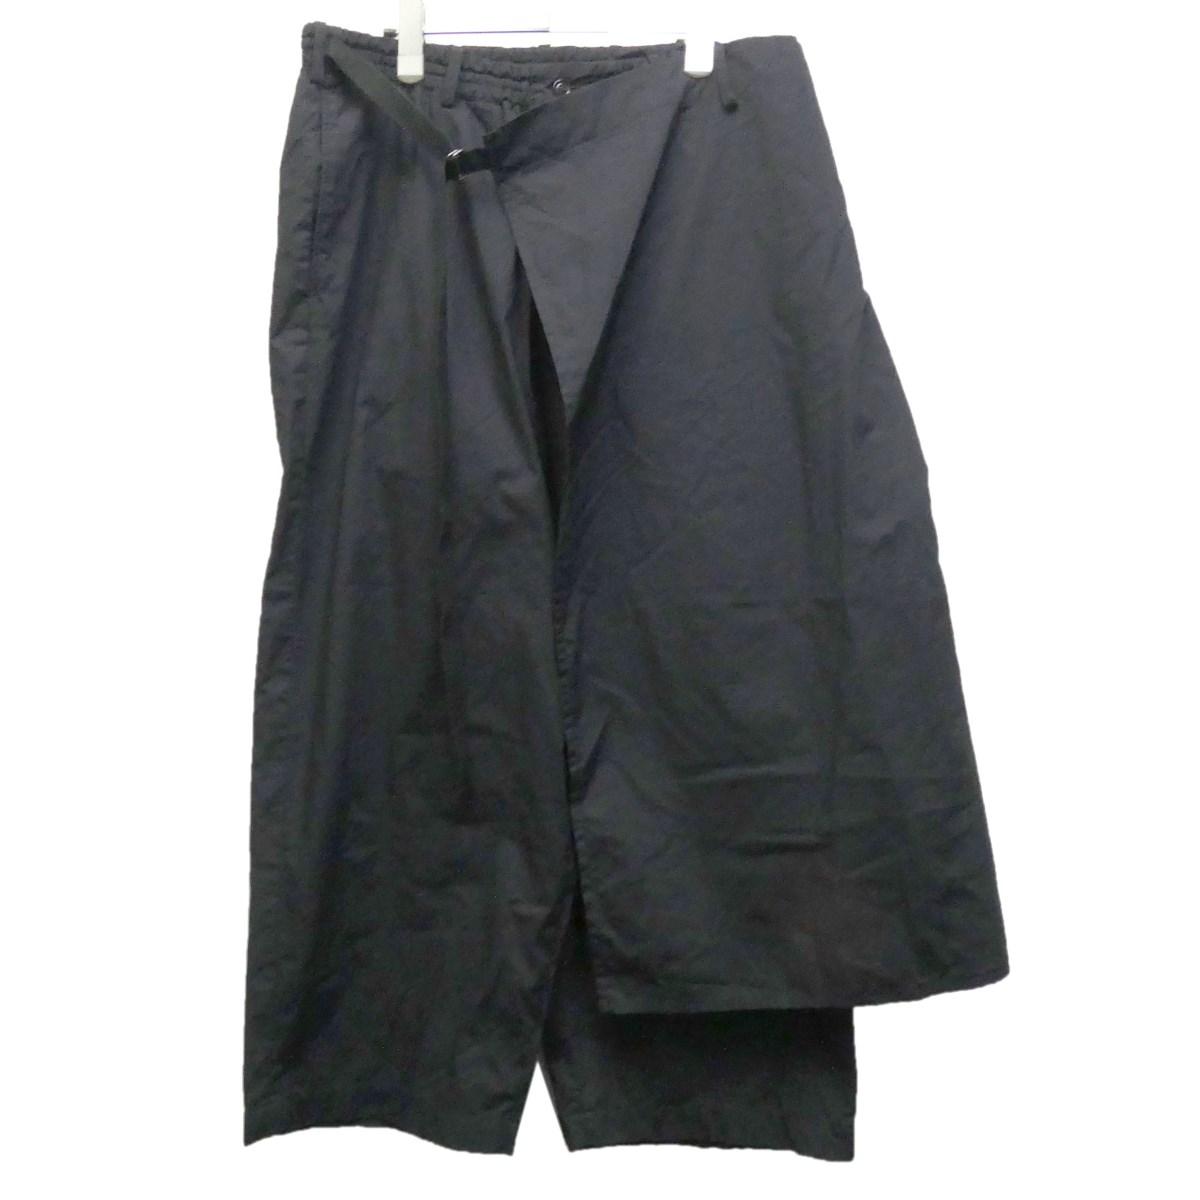 【中古】Syte 18SS ラップパンツ ブラック サイズ:3 【220220】(サイト)